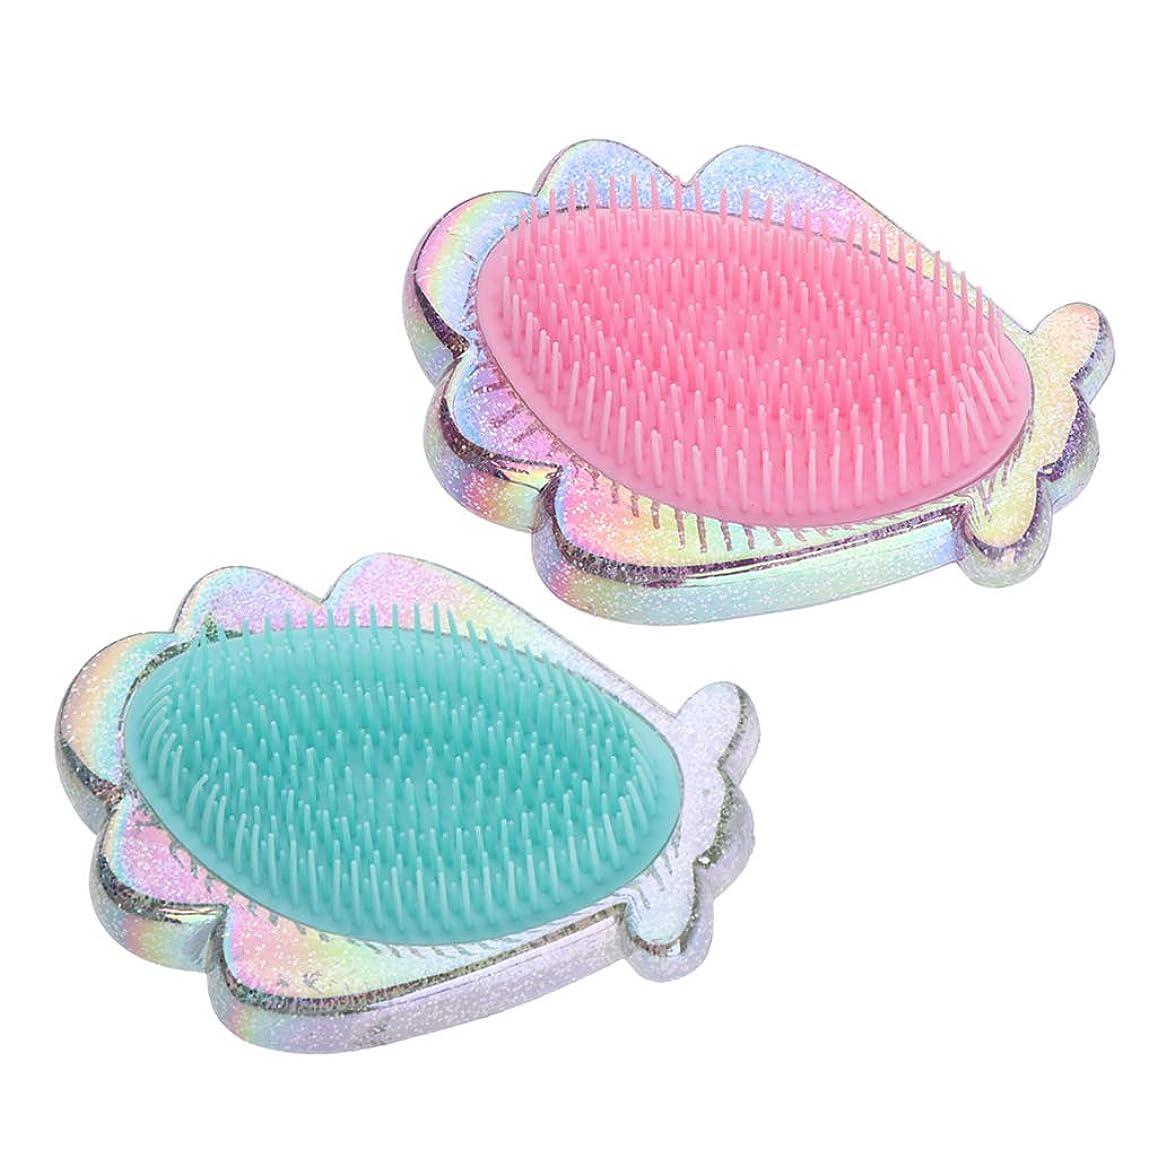 ライブジムマダムCUTICATE コーム ヘアコーム ヘアブラシ 静電気防止 プラスチック製 女性用 2個パック